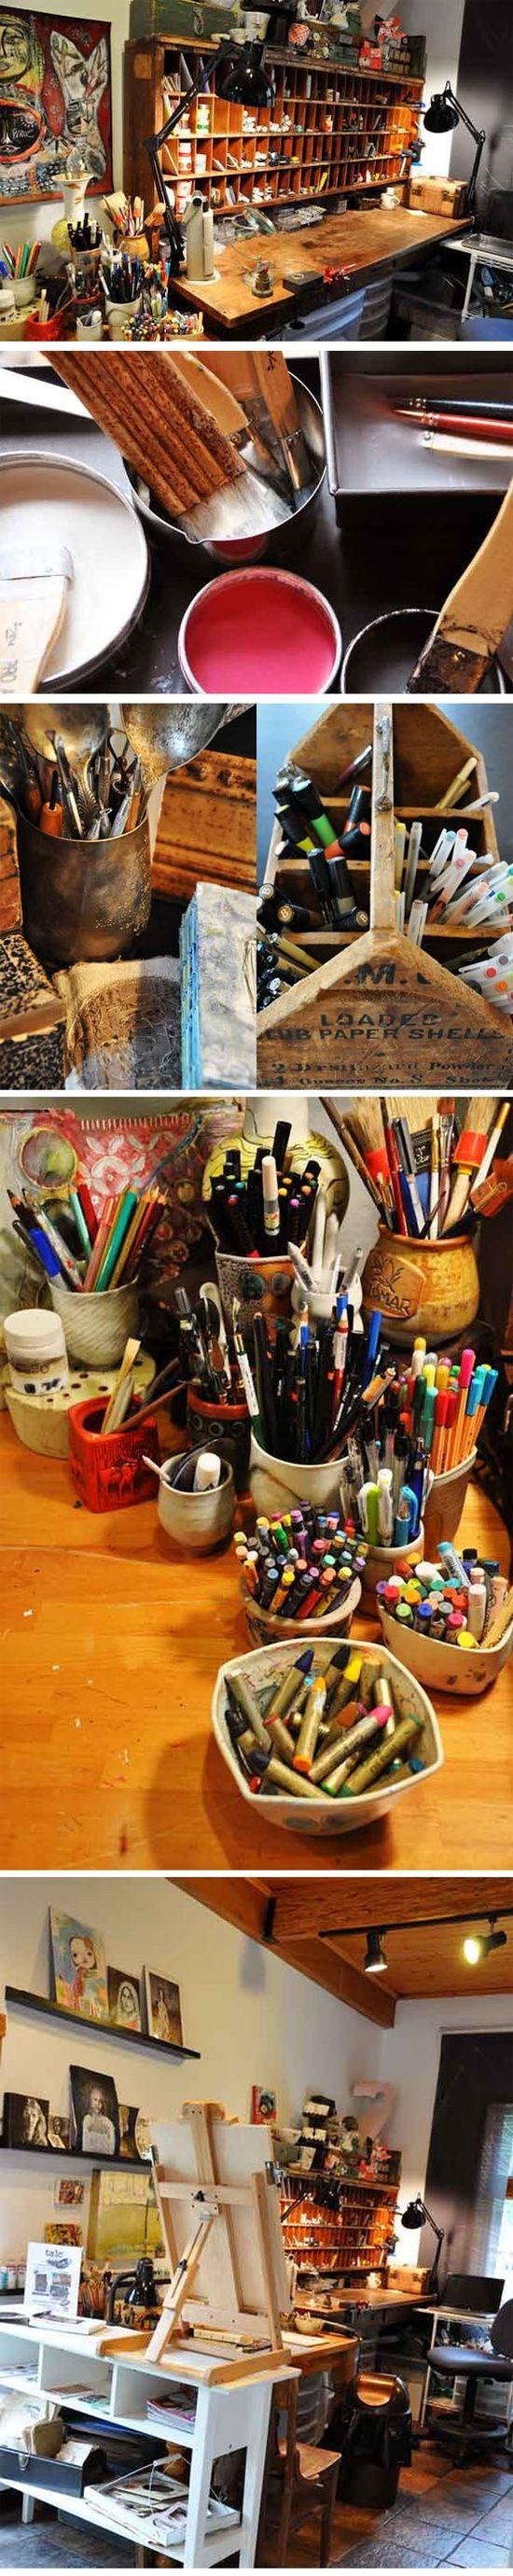 Caos organizzato e creativo!! Amo!!